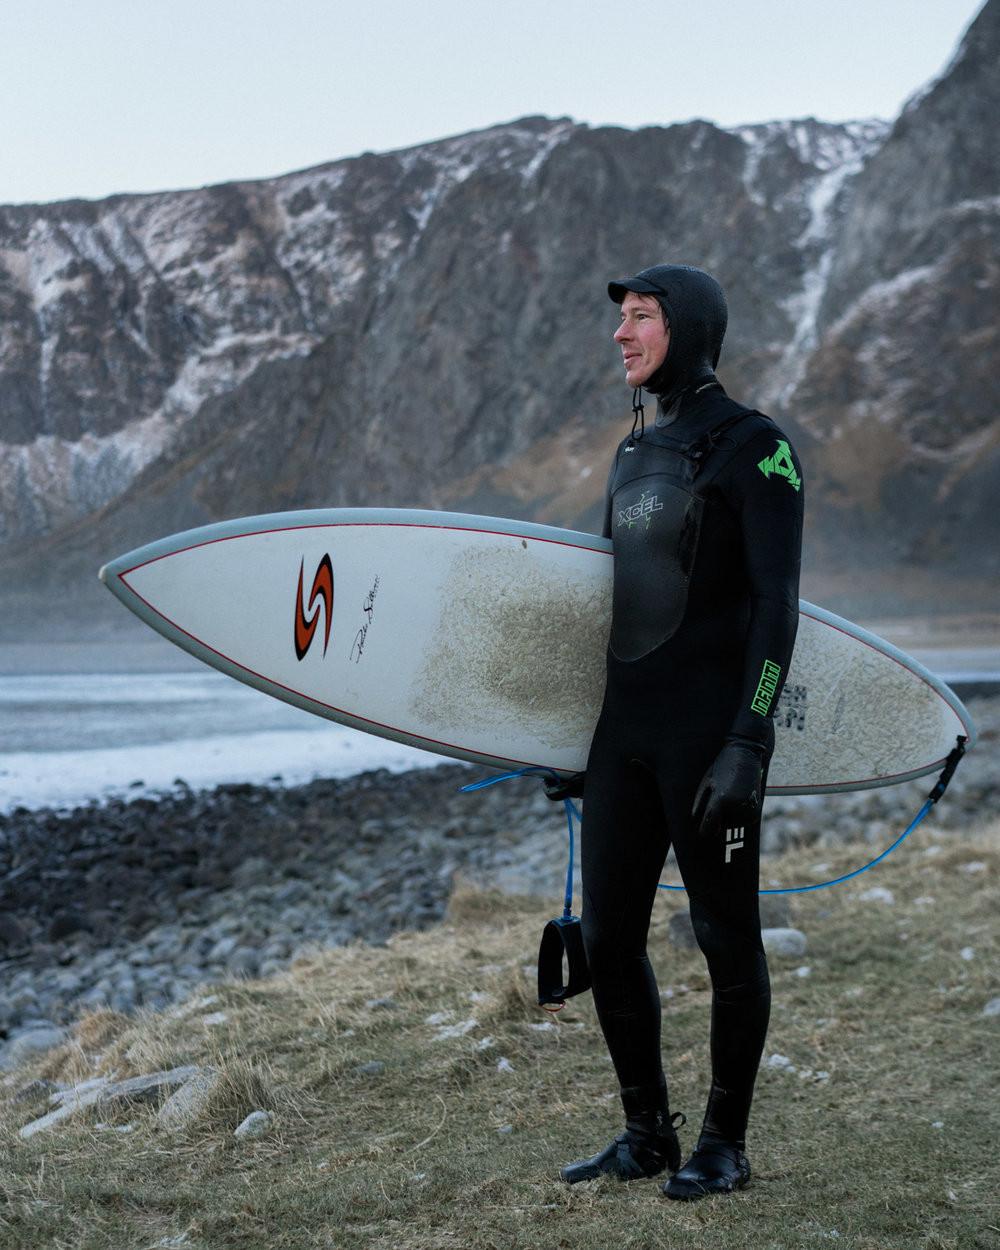 arkticheskij_surfing_v_objektive_tima_franco-16